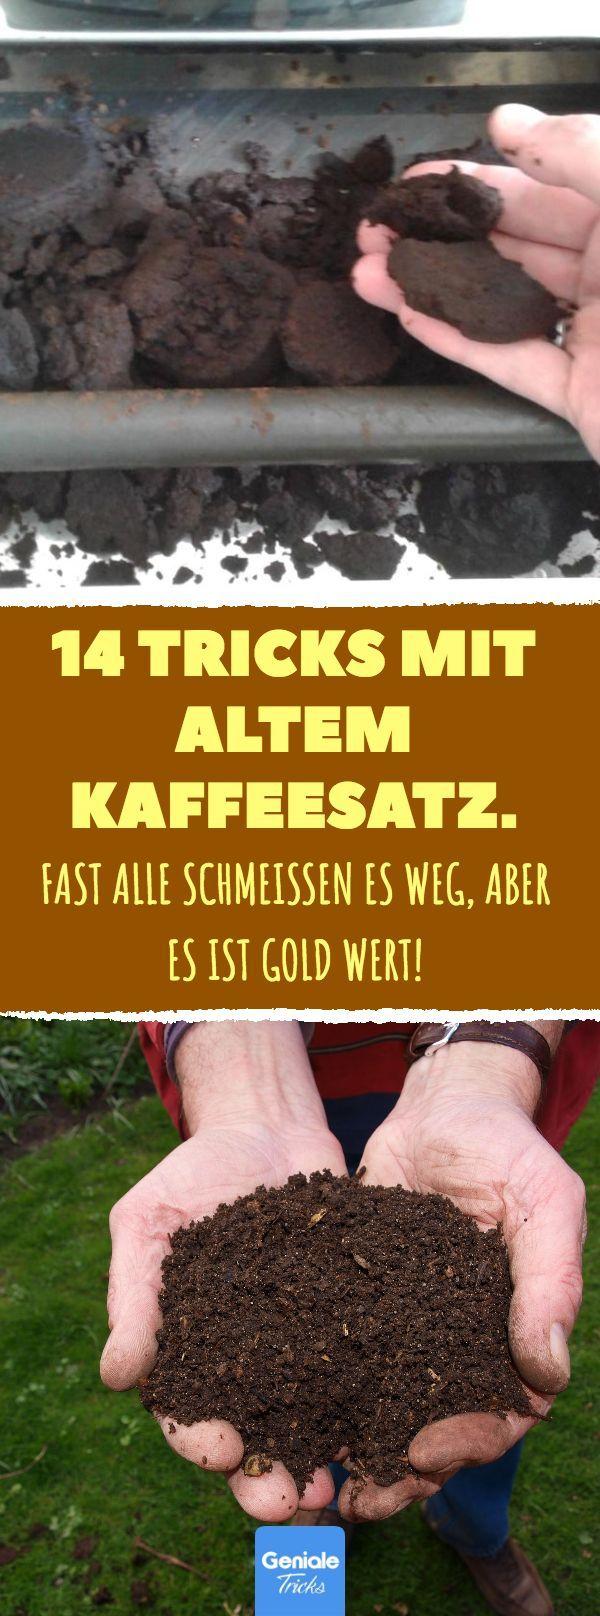 14 Tricks Mit Altem Kaffeesatz 14 N Tzliche Recy Altem Altes Fur Kaffeep Kaffeesatz Mit Nutzliche Recycle Recyclin Kaffeesatz Tipps Garten Recycling